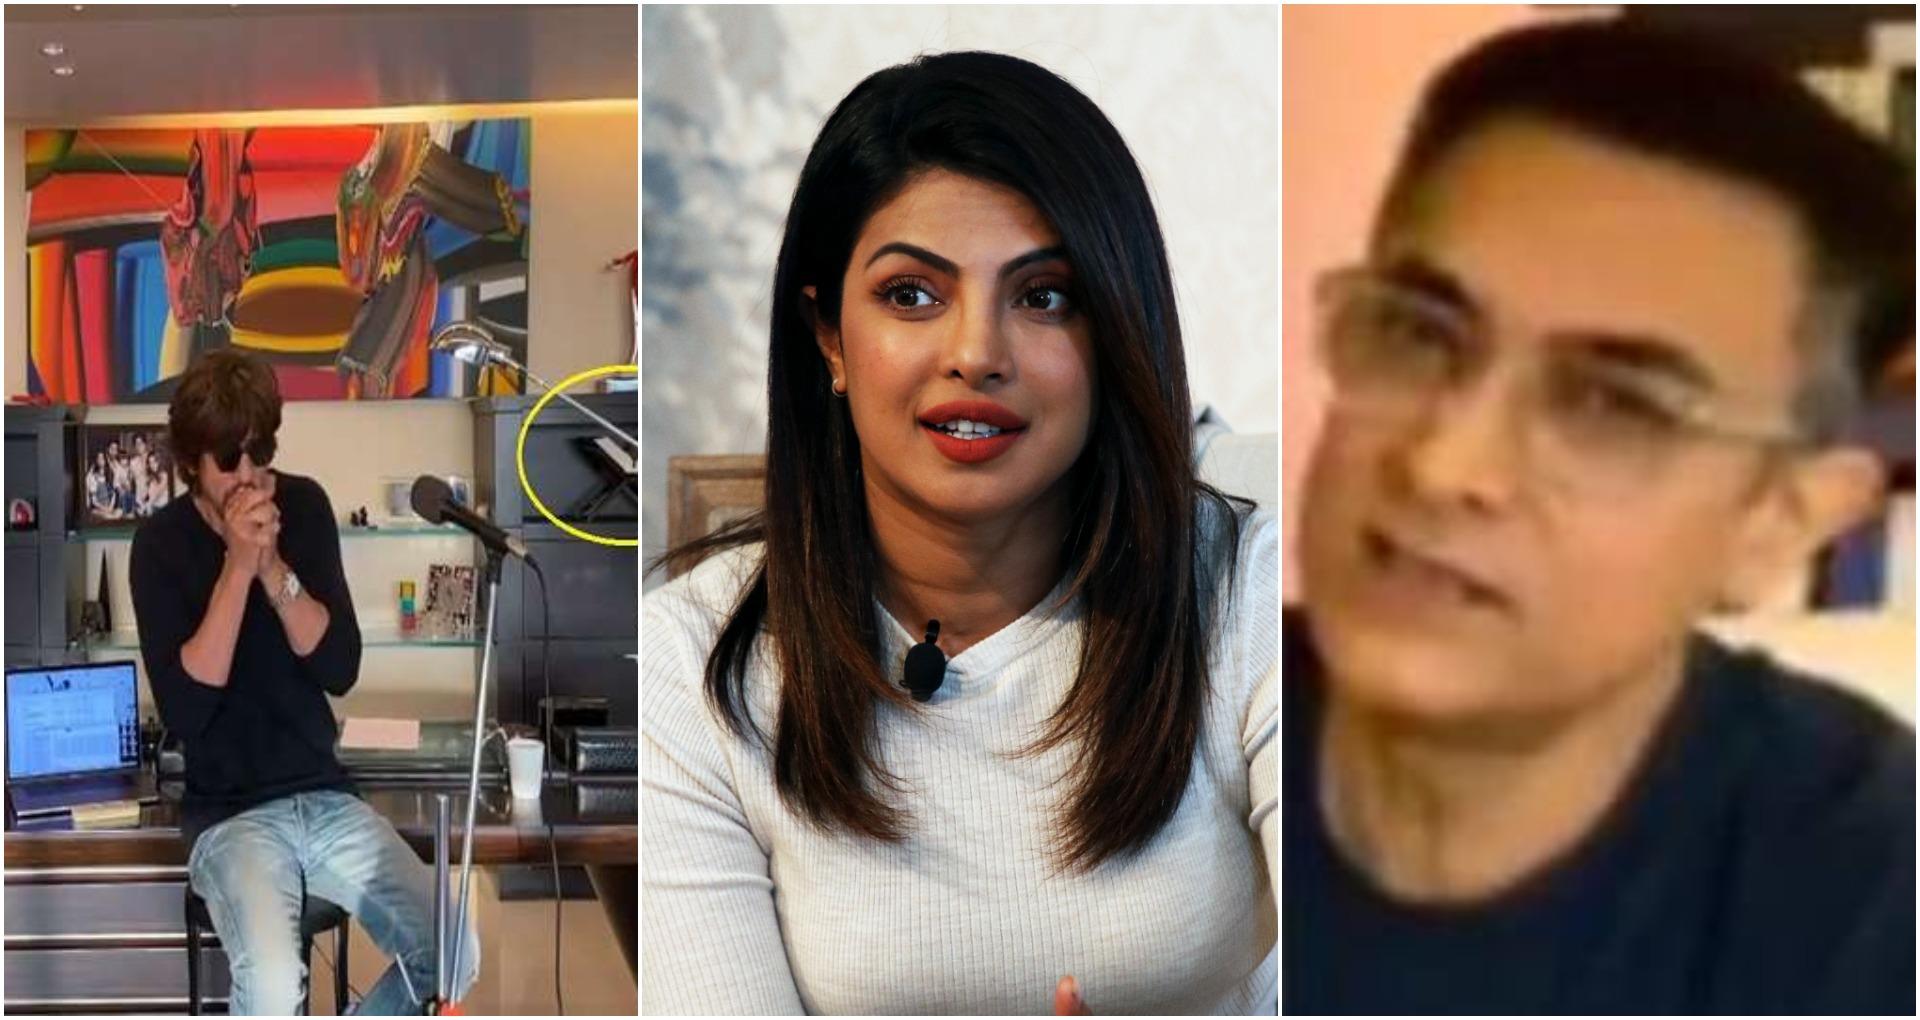 I For India: शाहरुख-आमिर ने गाये गाने, प्रियंका ने सुनाई कविता, आई फॉर इंडिया कॉन्सर्ट के लिए जमा हुई इतनी राशि